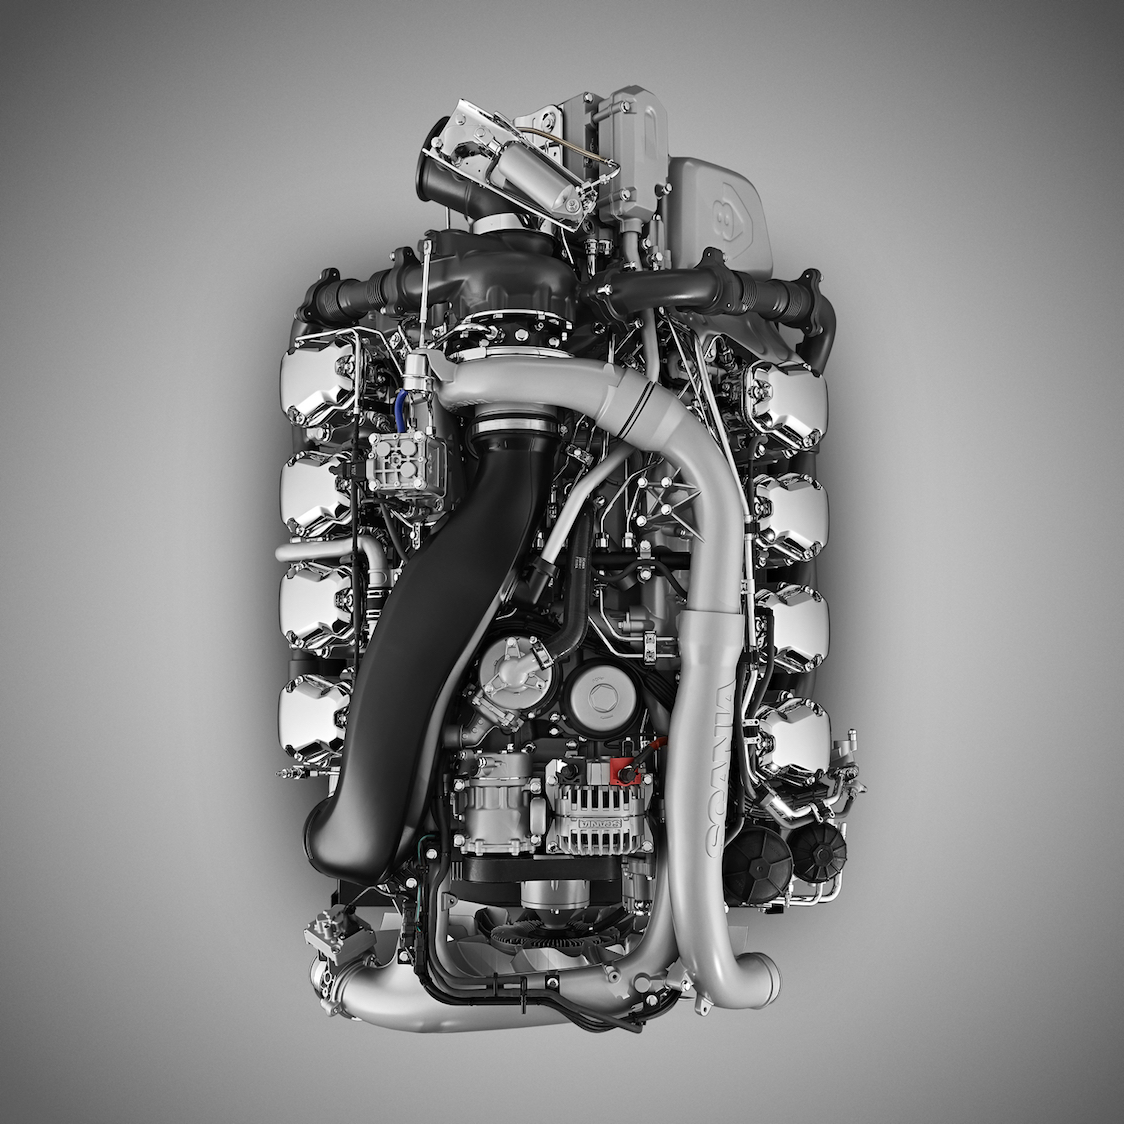 I nuovi Scania V8: migliori, a piccoli passi -  -Notizie - MC5.0-Macchine Cantieri